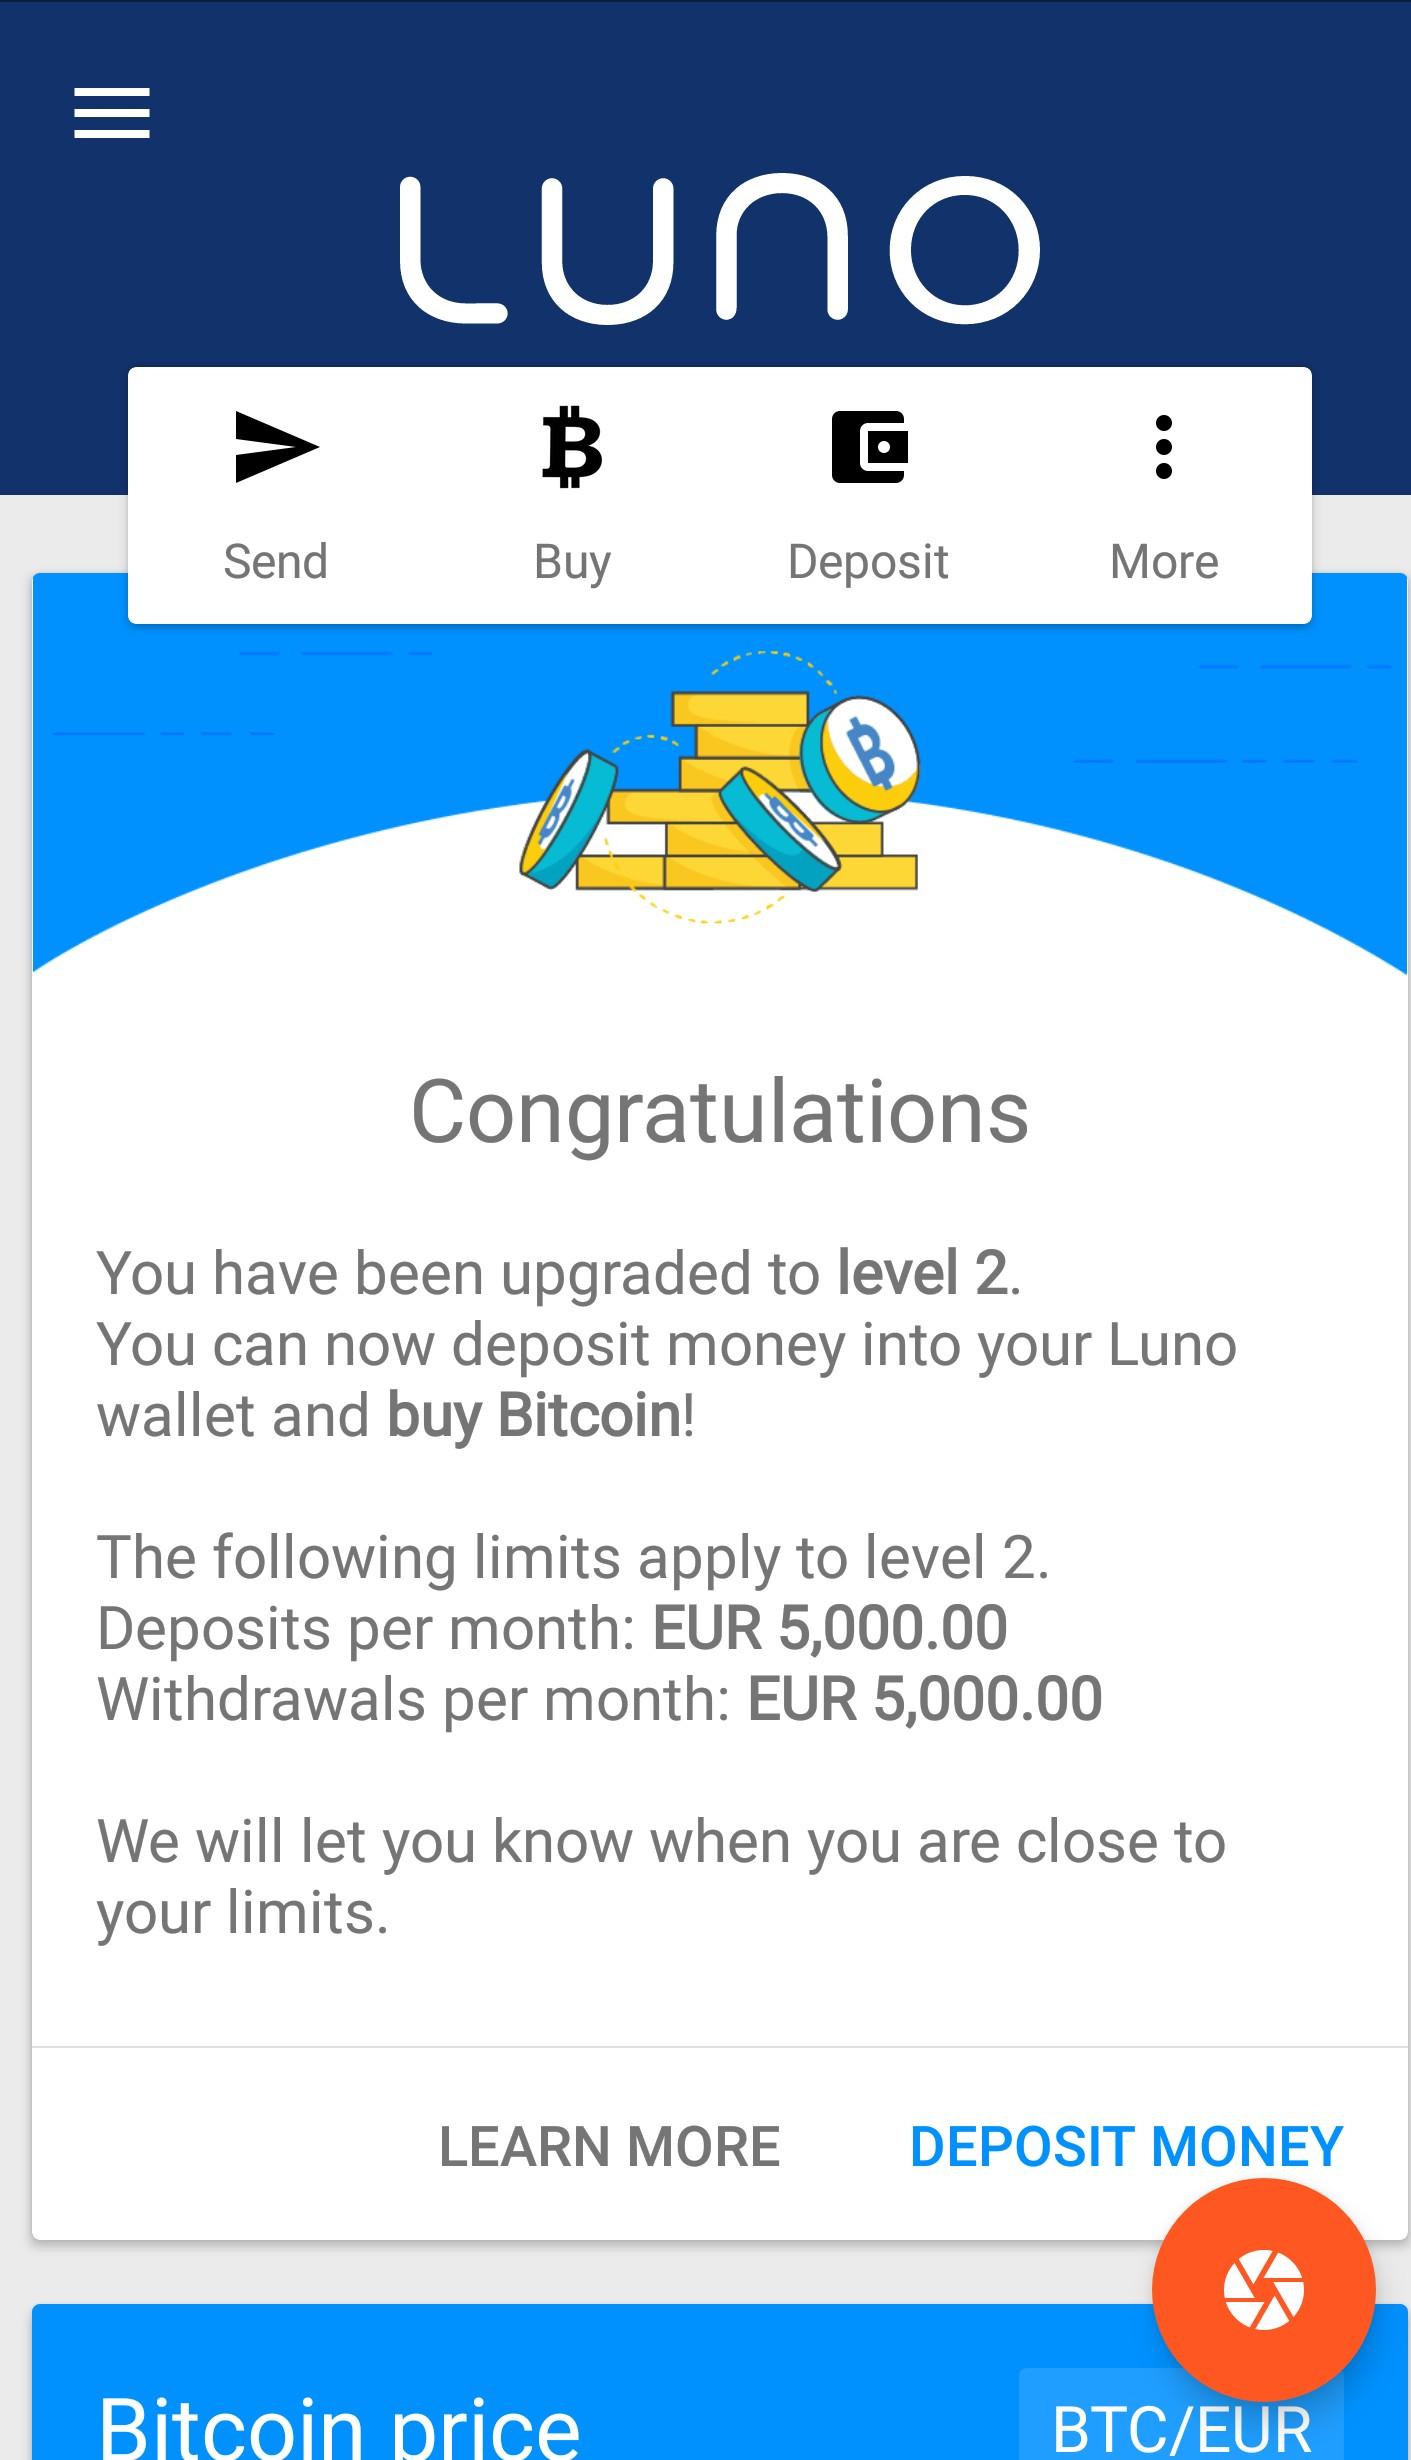 Pranešimas apie tapatybės patvirtinimą Luno mobiliojoje aplikacijoje